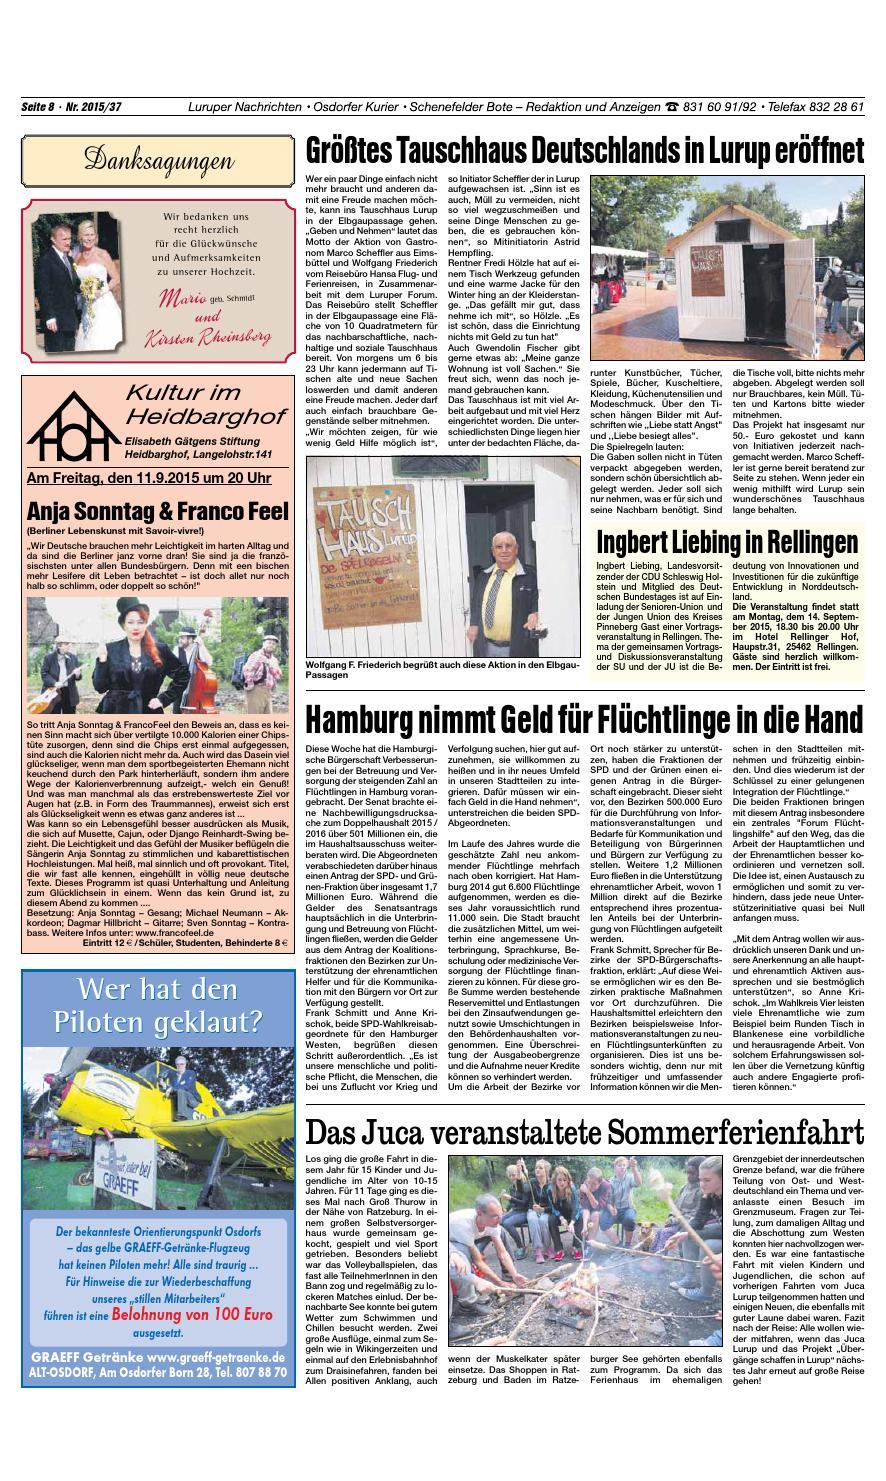 Ausgabe 09 09 2015 by Jürgen Wien - issuu